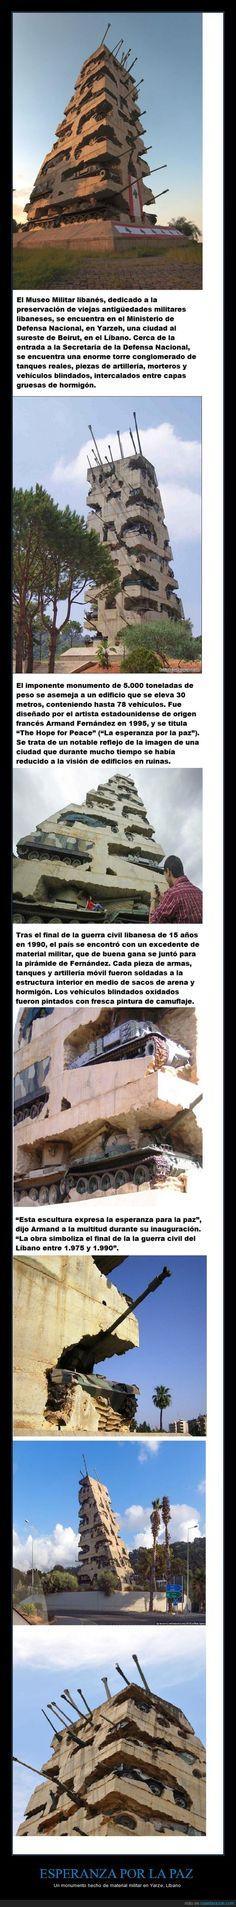 ESPERANZA POR LA PAZ - Un monumento hecho de material militar en Yarze, Líbano   Gracias a http://www.cuantarazon.com/   Si quieres leer la noticia completa visita: http://www.estoy-aburrido.com/esperanza-por-la-paz-un-monumento-hecho-de-material-militar-en-yarze-libano/